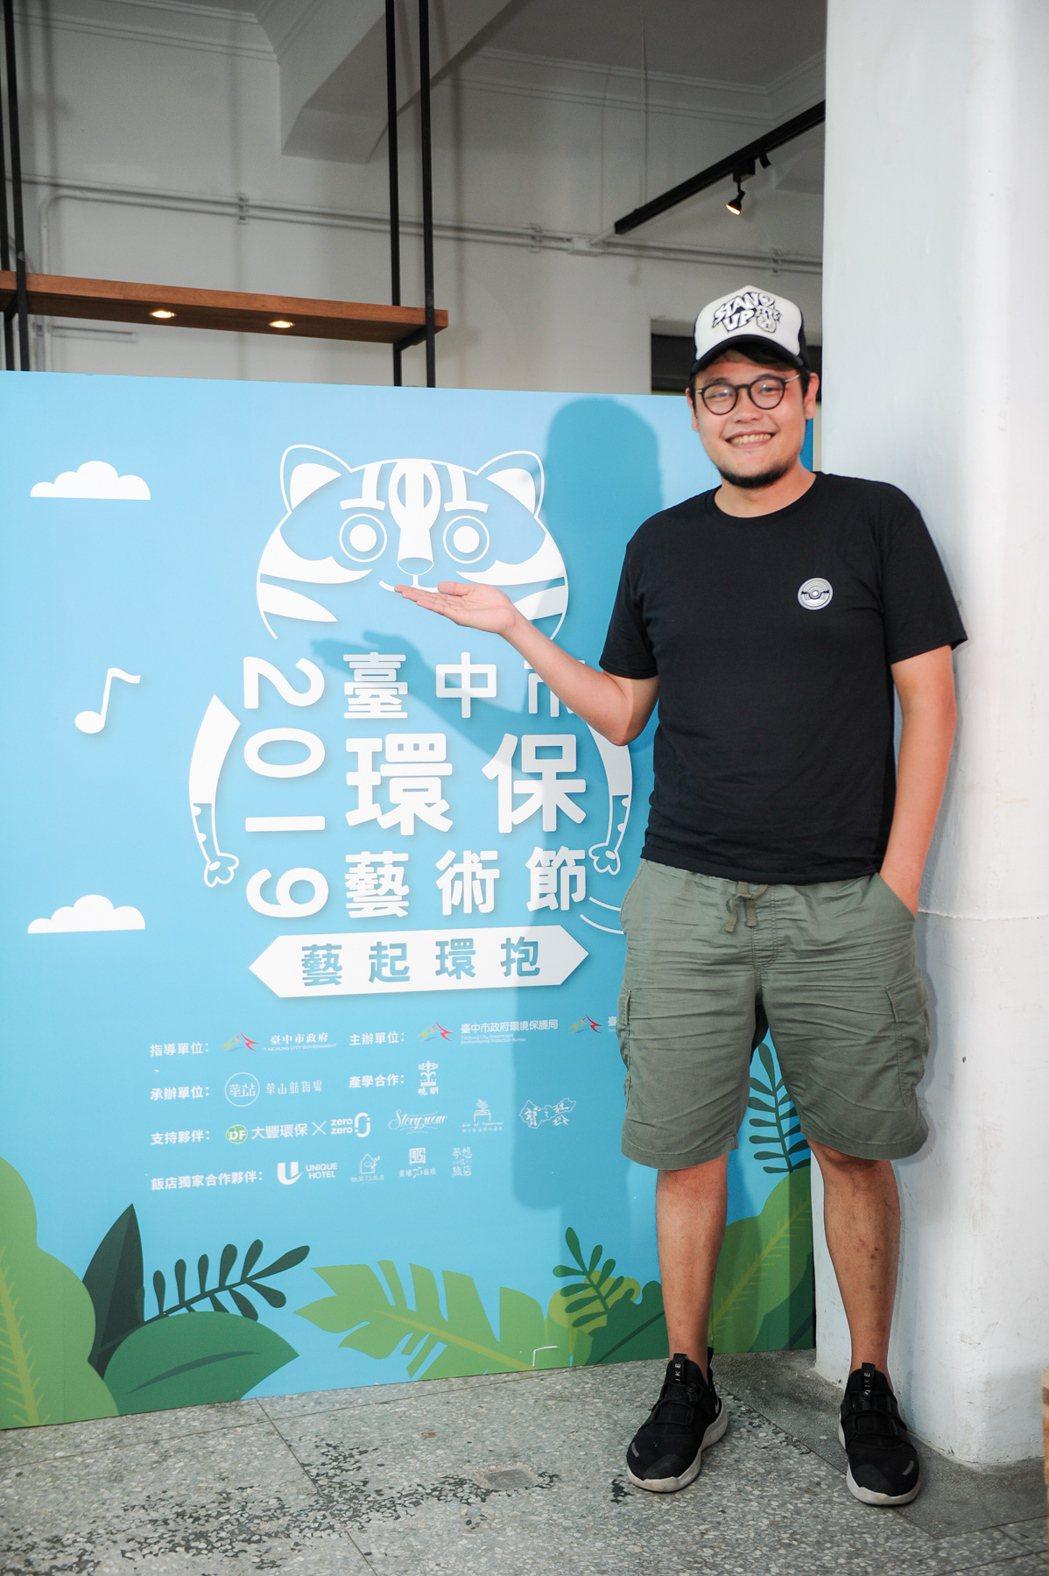 蘇打綠團長阿福擔任「臺中市環保藝術節」策展人。圖/臺中市環保藝術節提供